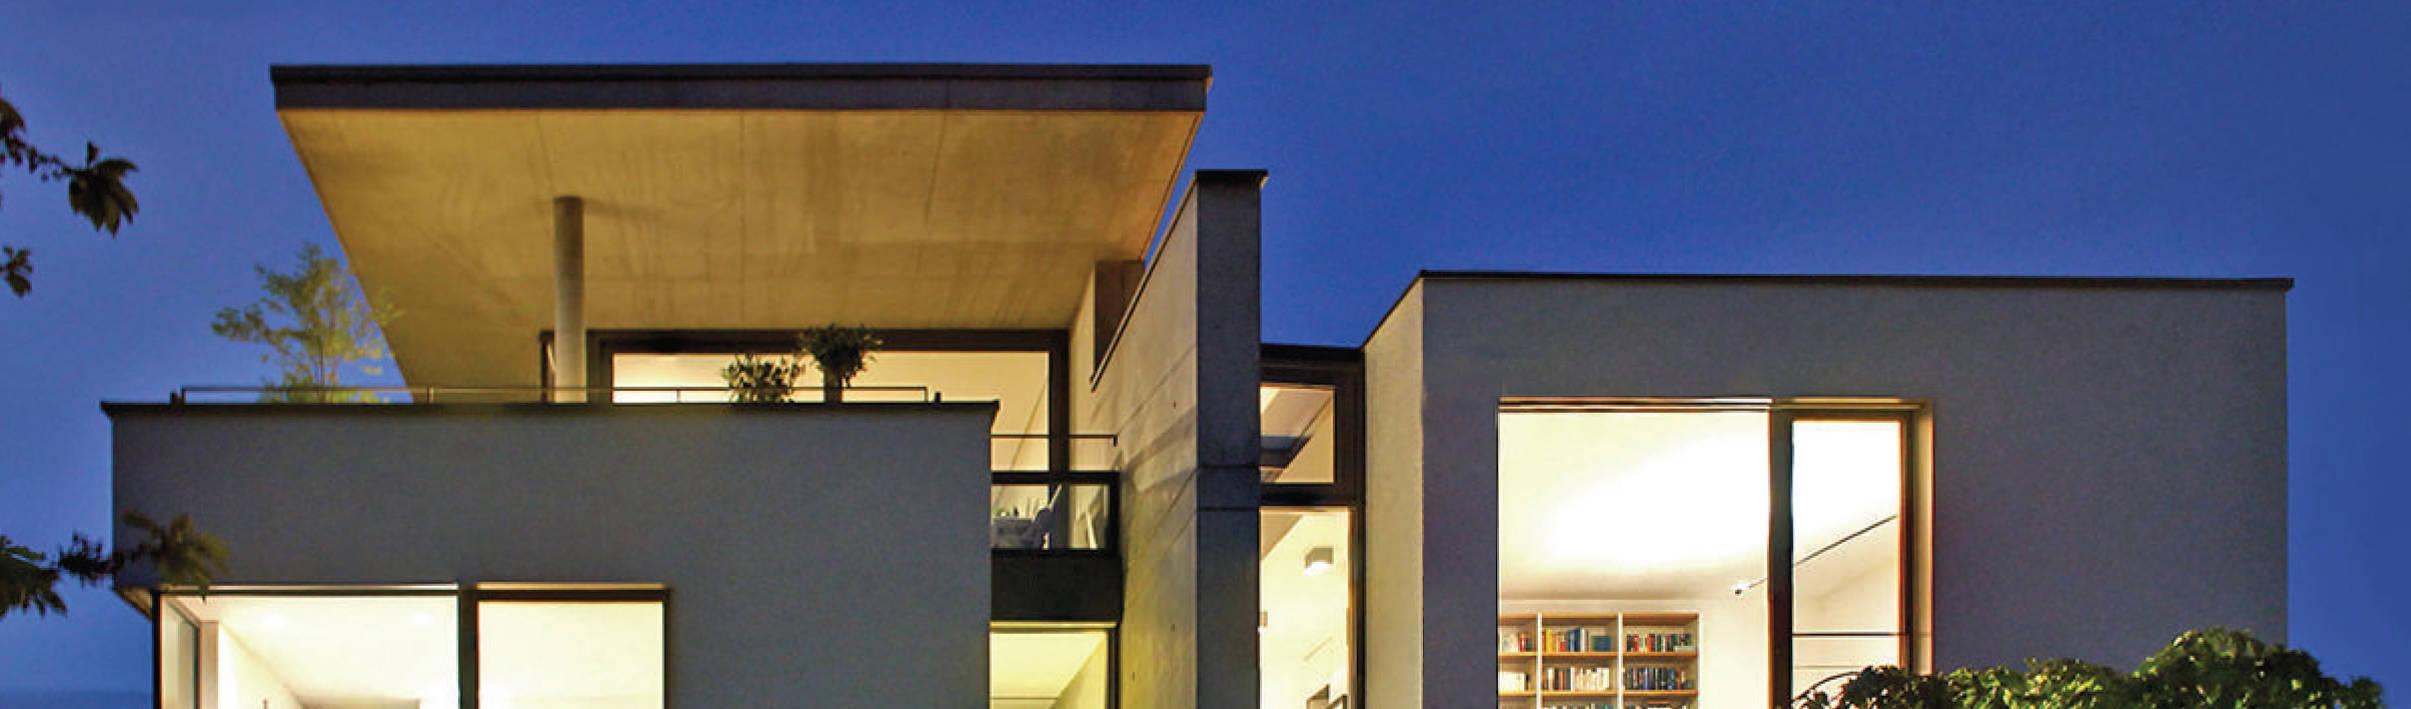 Architekt Weinheim weber und partner freie architekten bda architekten in weinheim